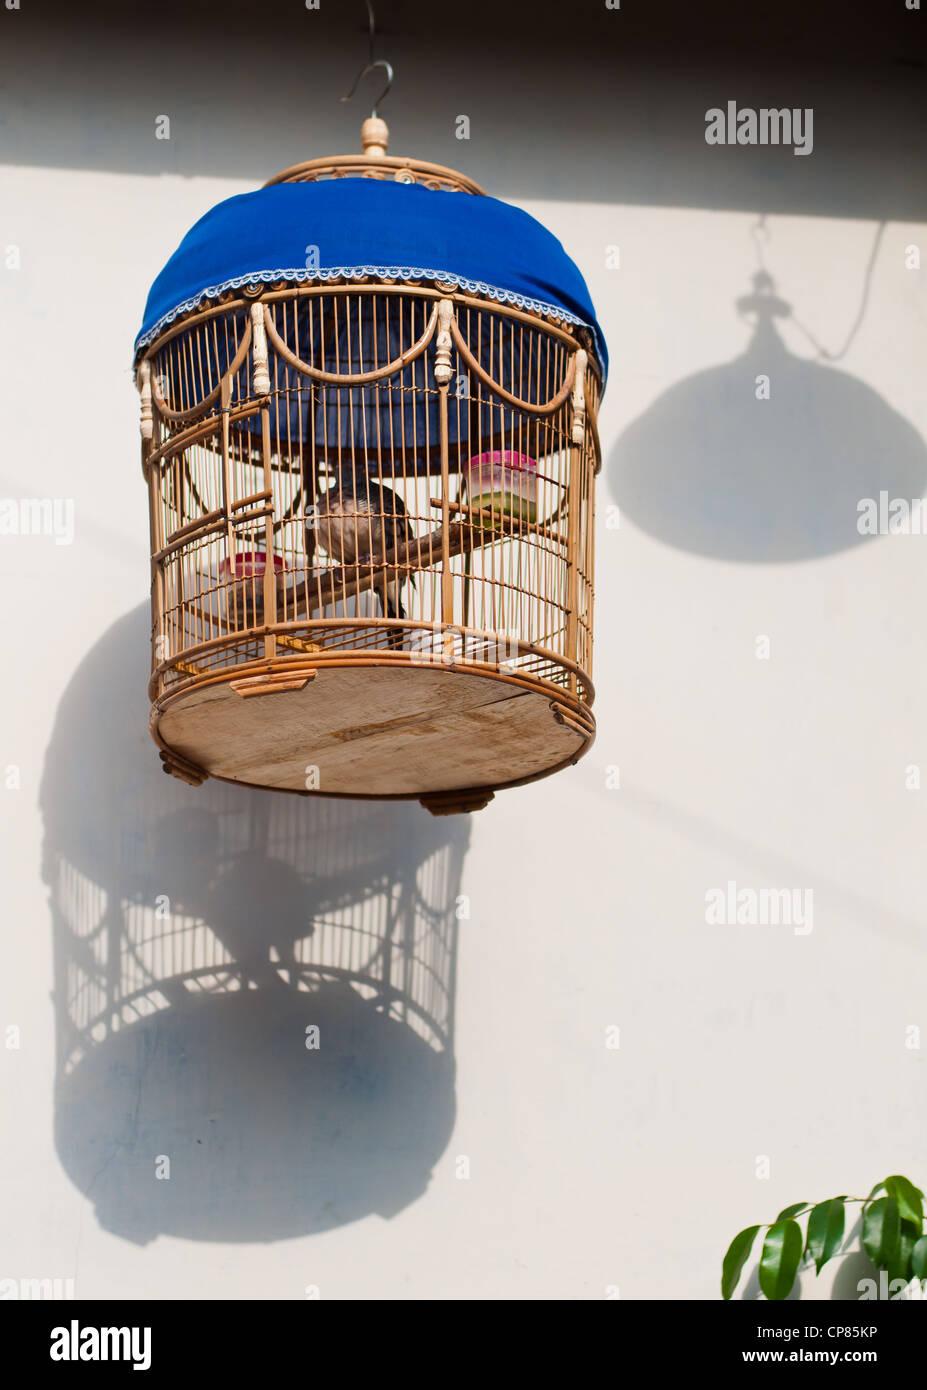 Hanging Bird Cage Stock Photos Amp Hanging Bird Cage Stock